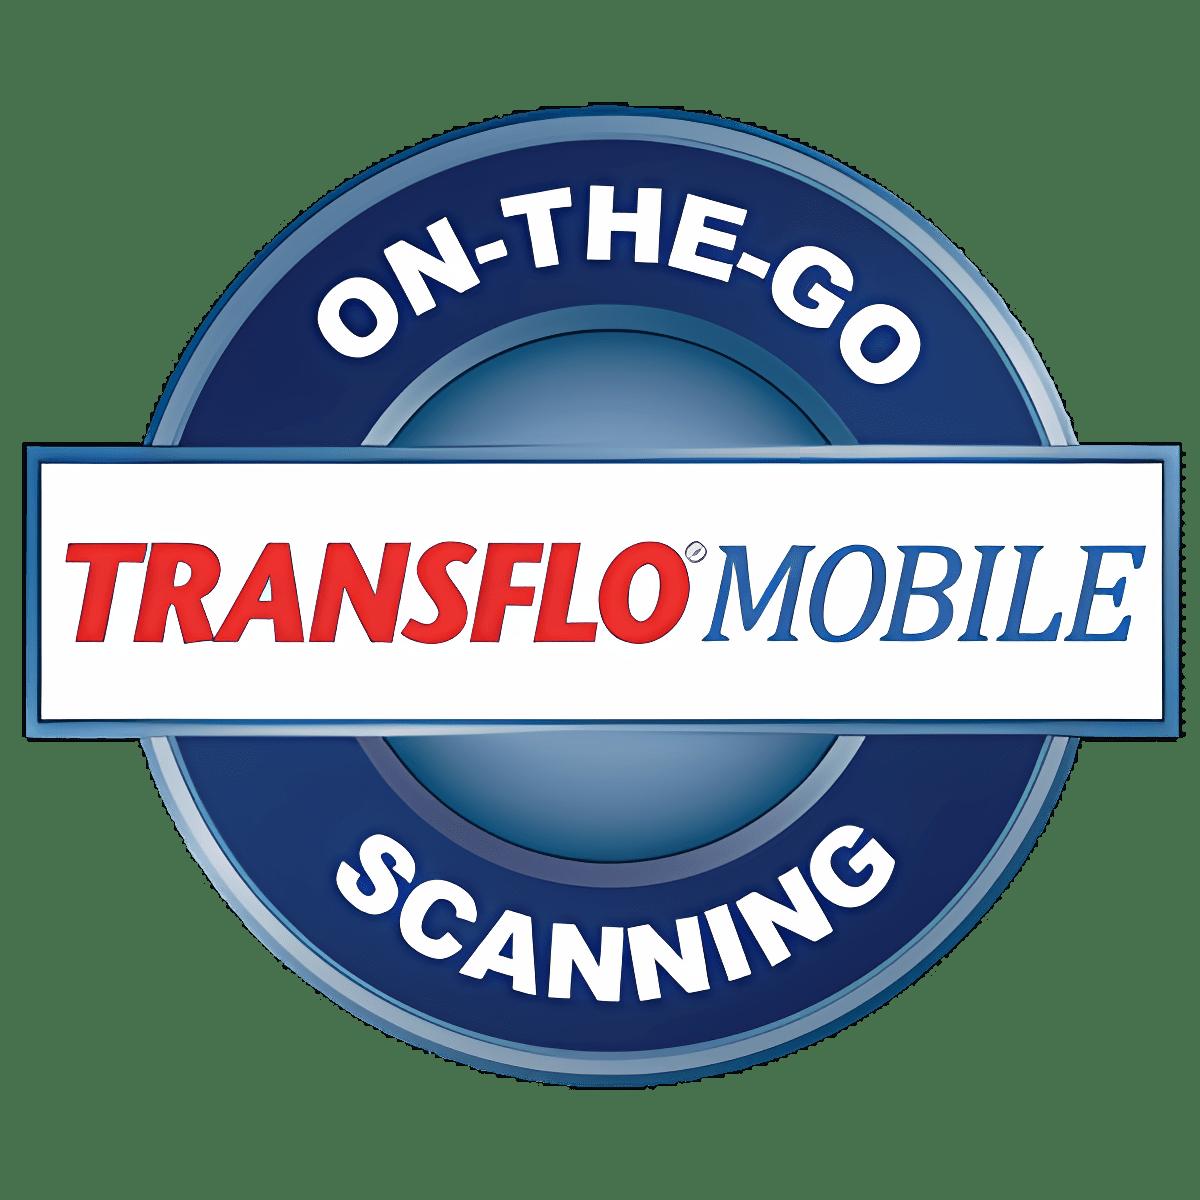 TRANSFLO Mobile